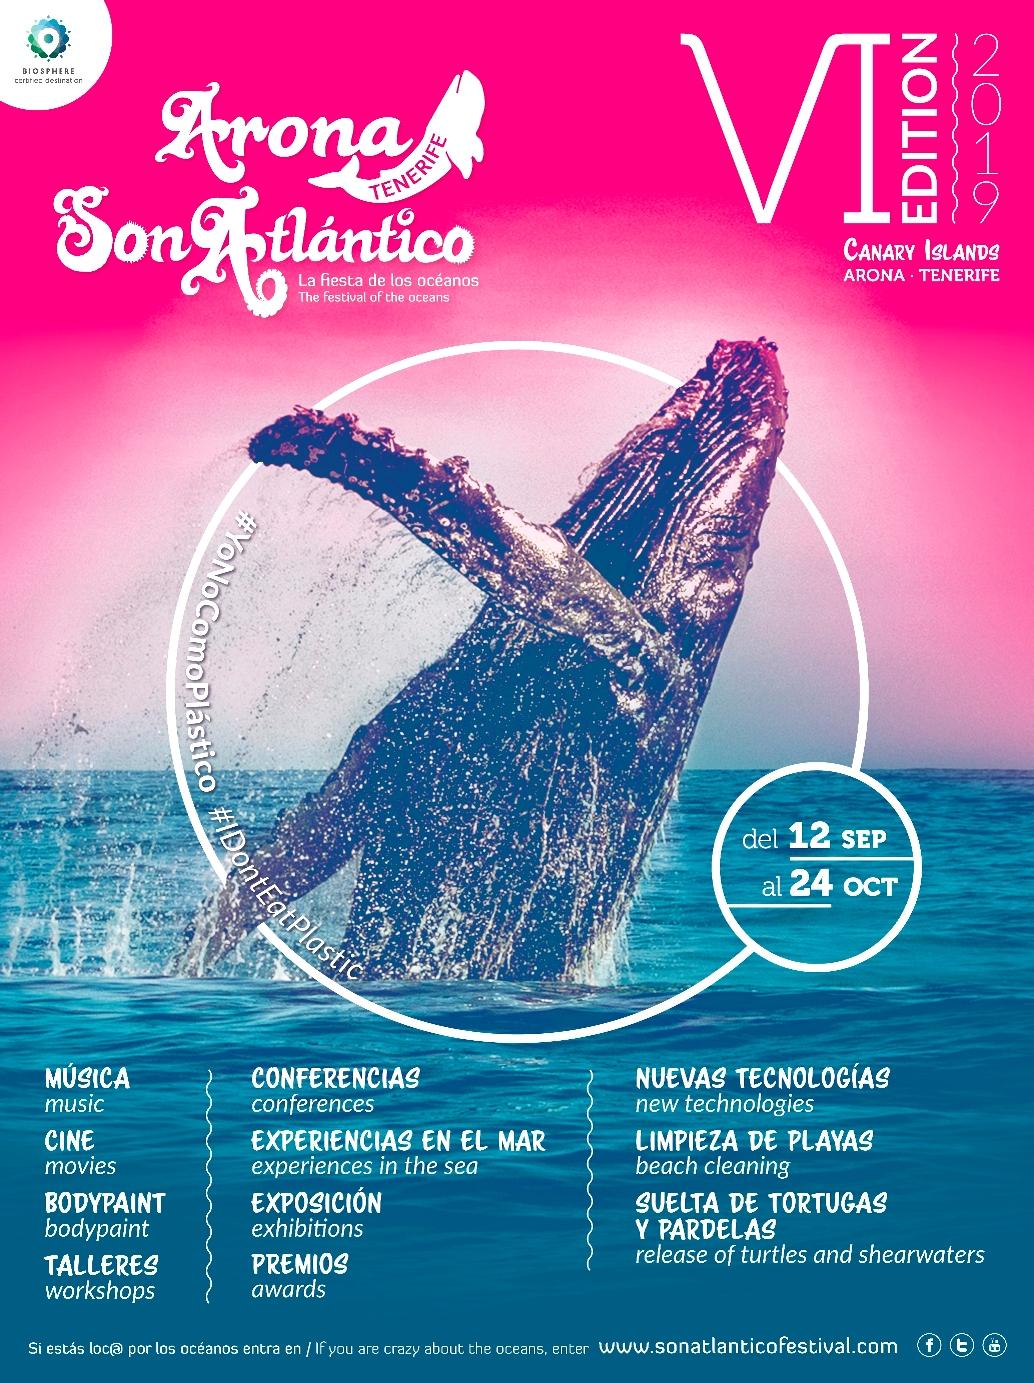 son_atlantico_2019_cartel